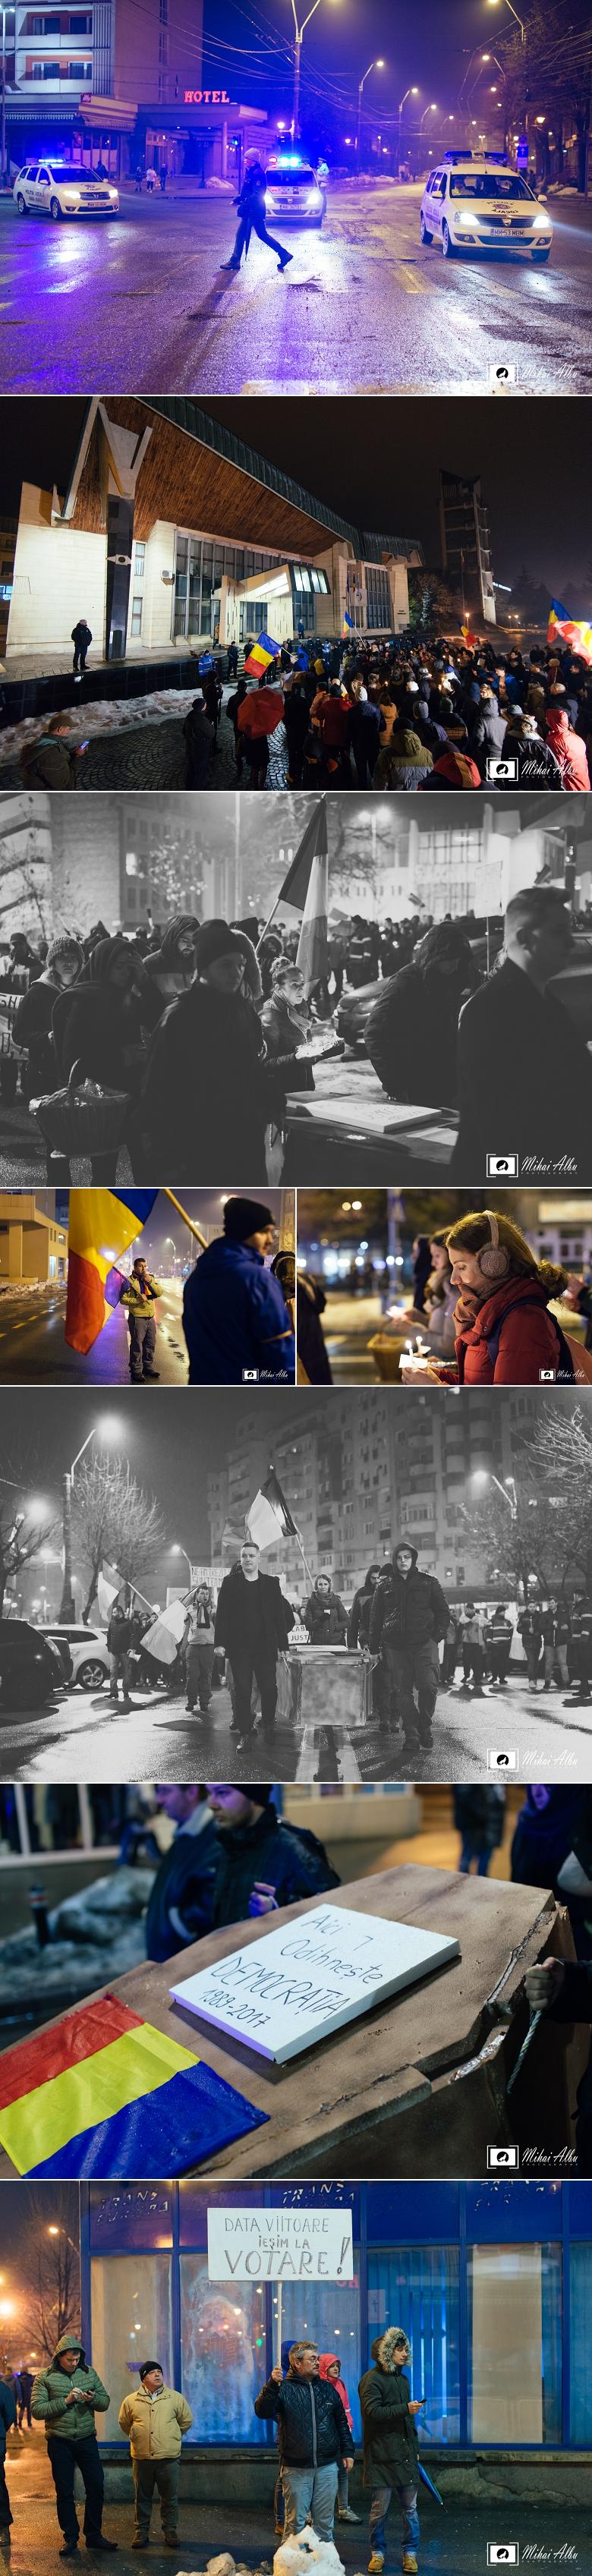 baia_mare_poze_proteste_baia_mare_revolutie_platoul_bucuresti_revolta 1